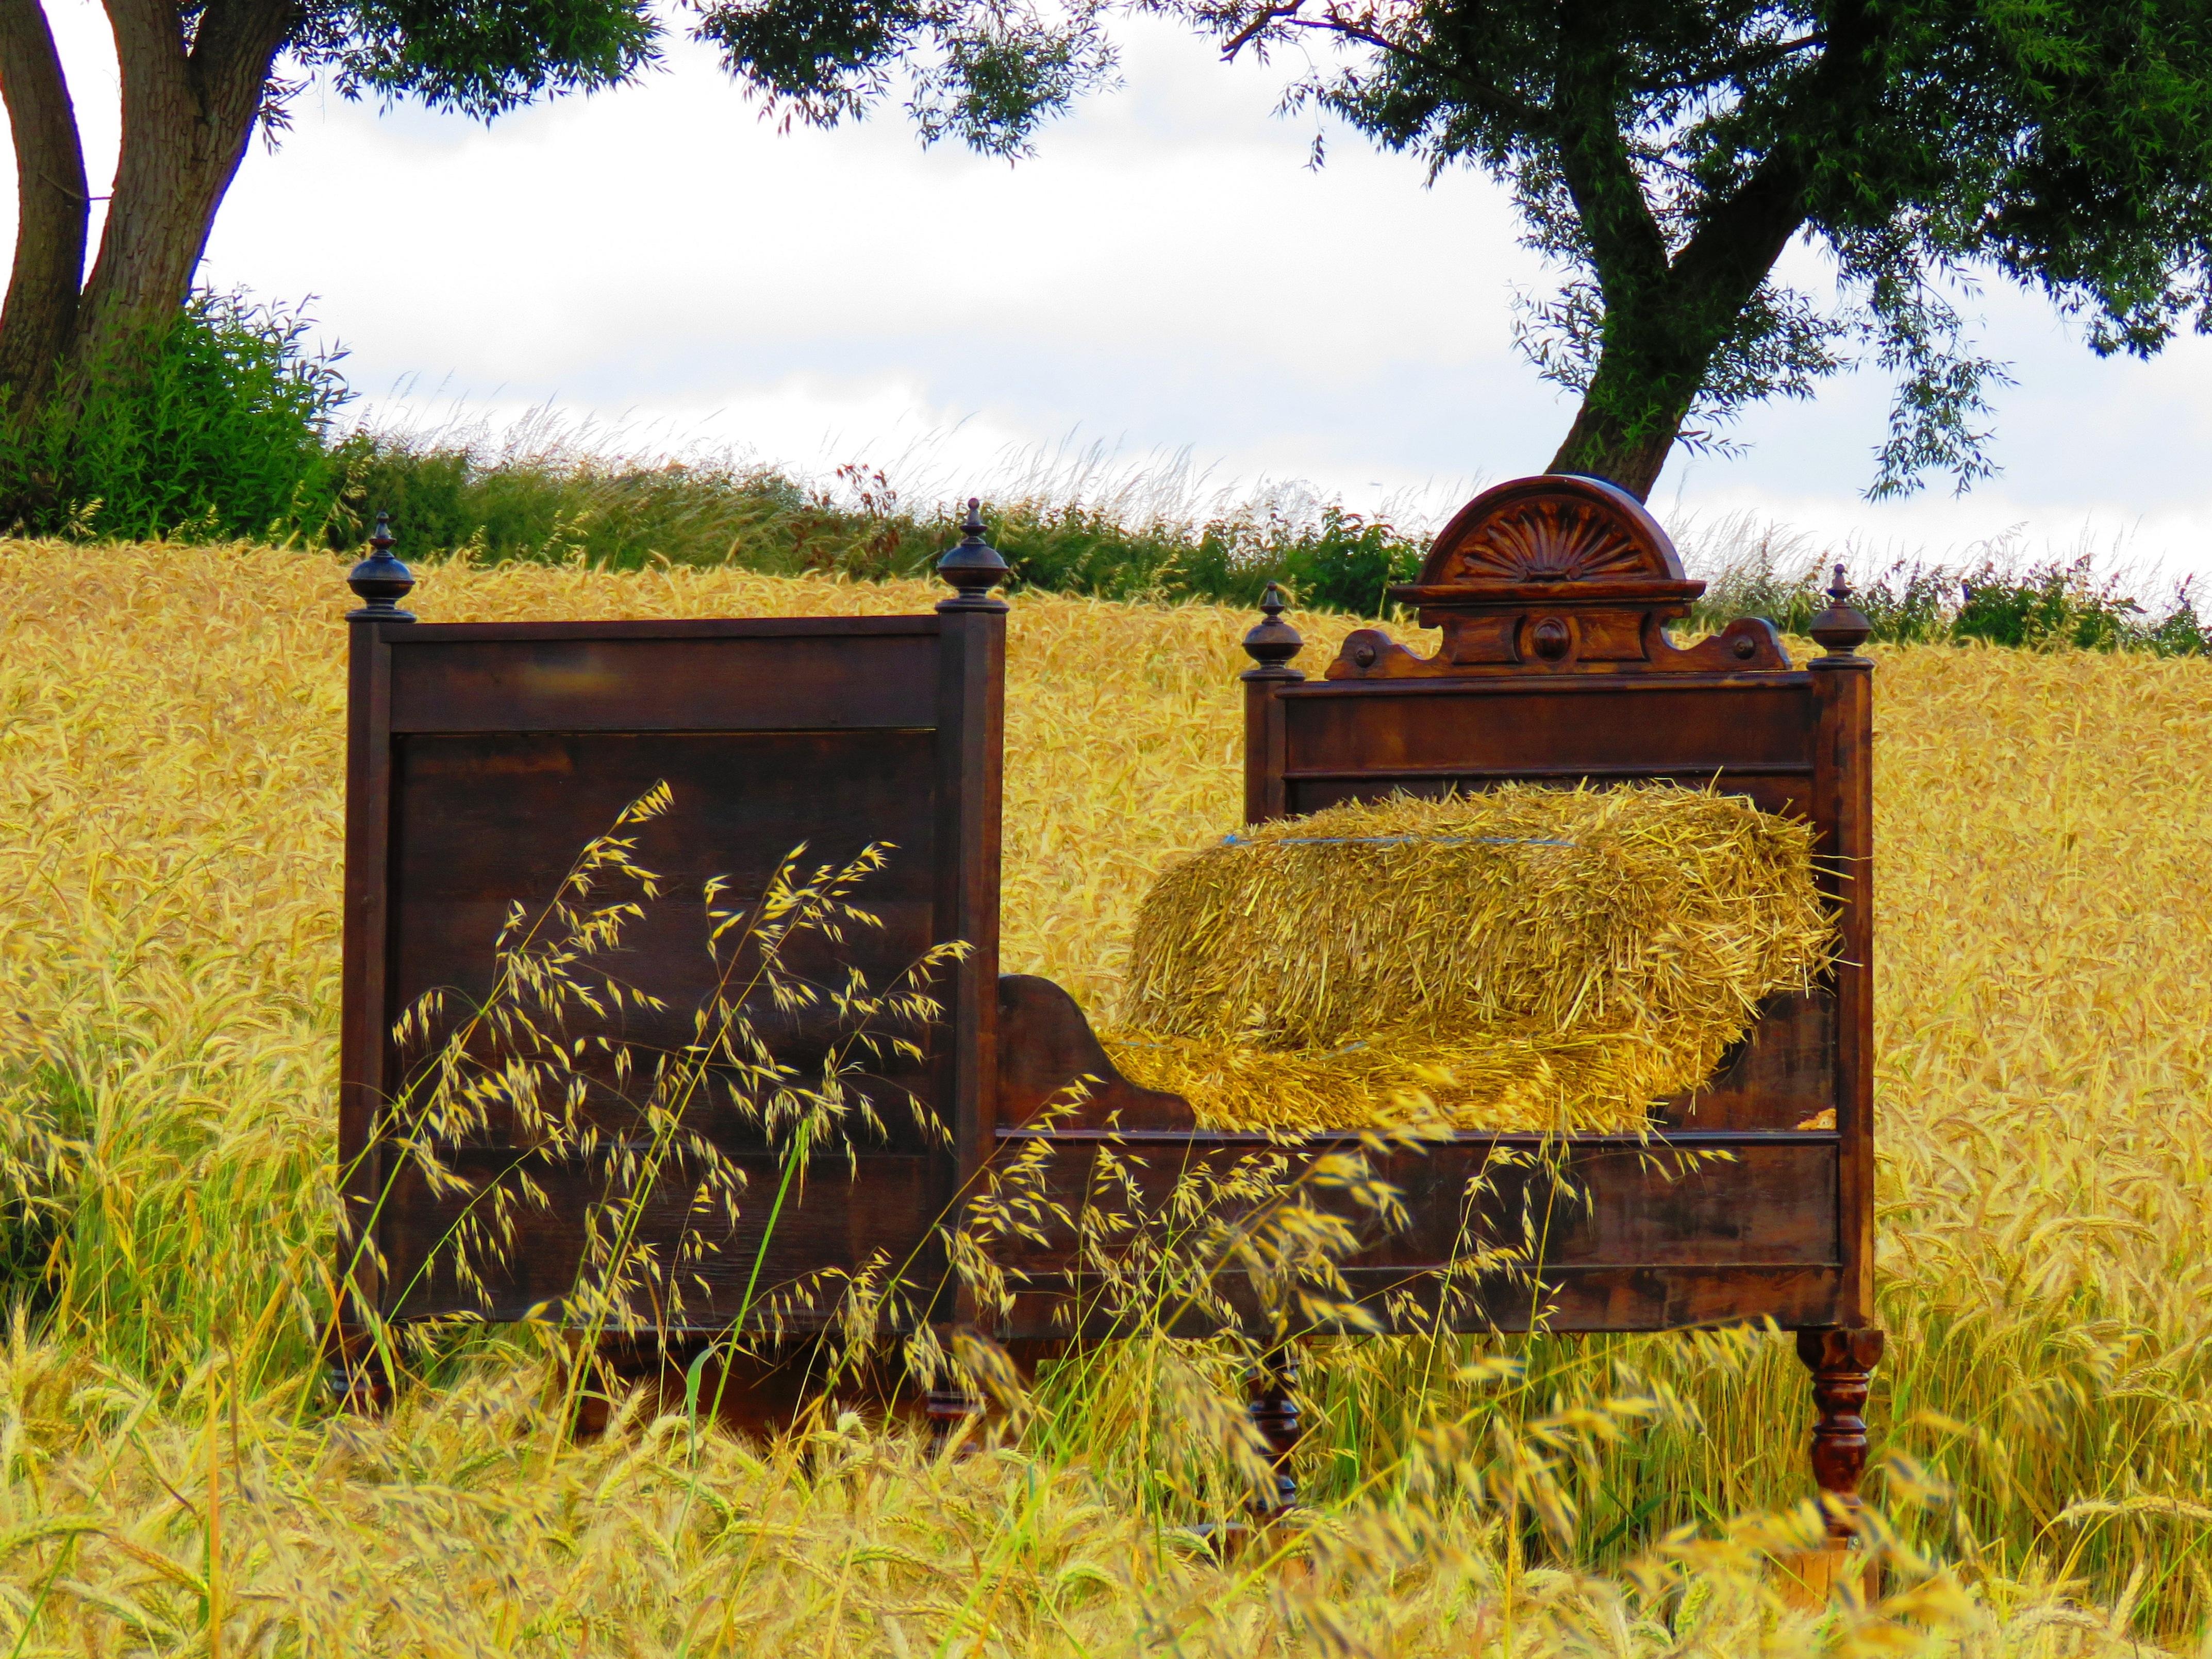 图片素材: 树, 领域, 农场, 草地, 草原, 花, 棚屋, 秋季, 舒适, 农业